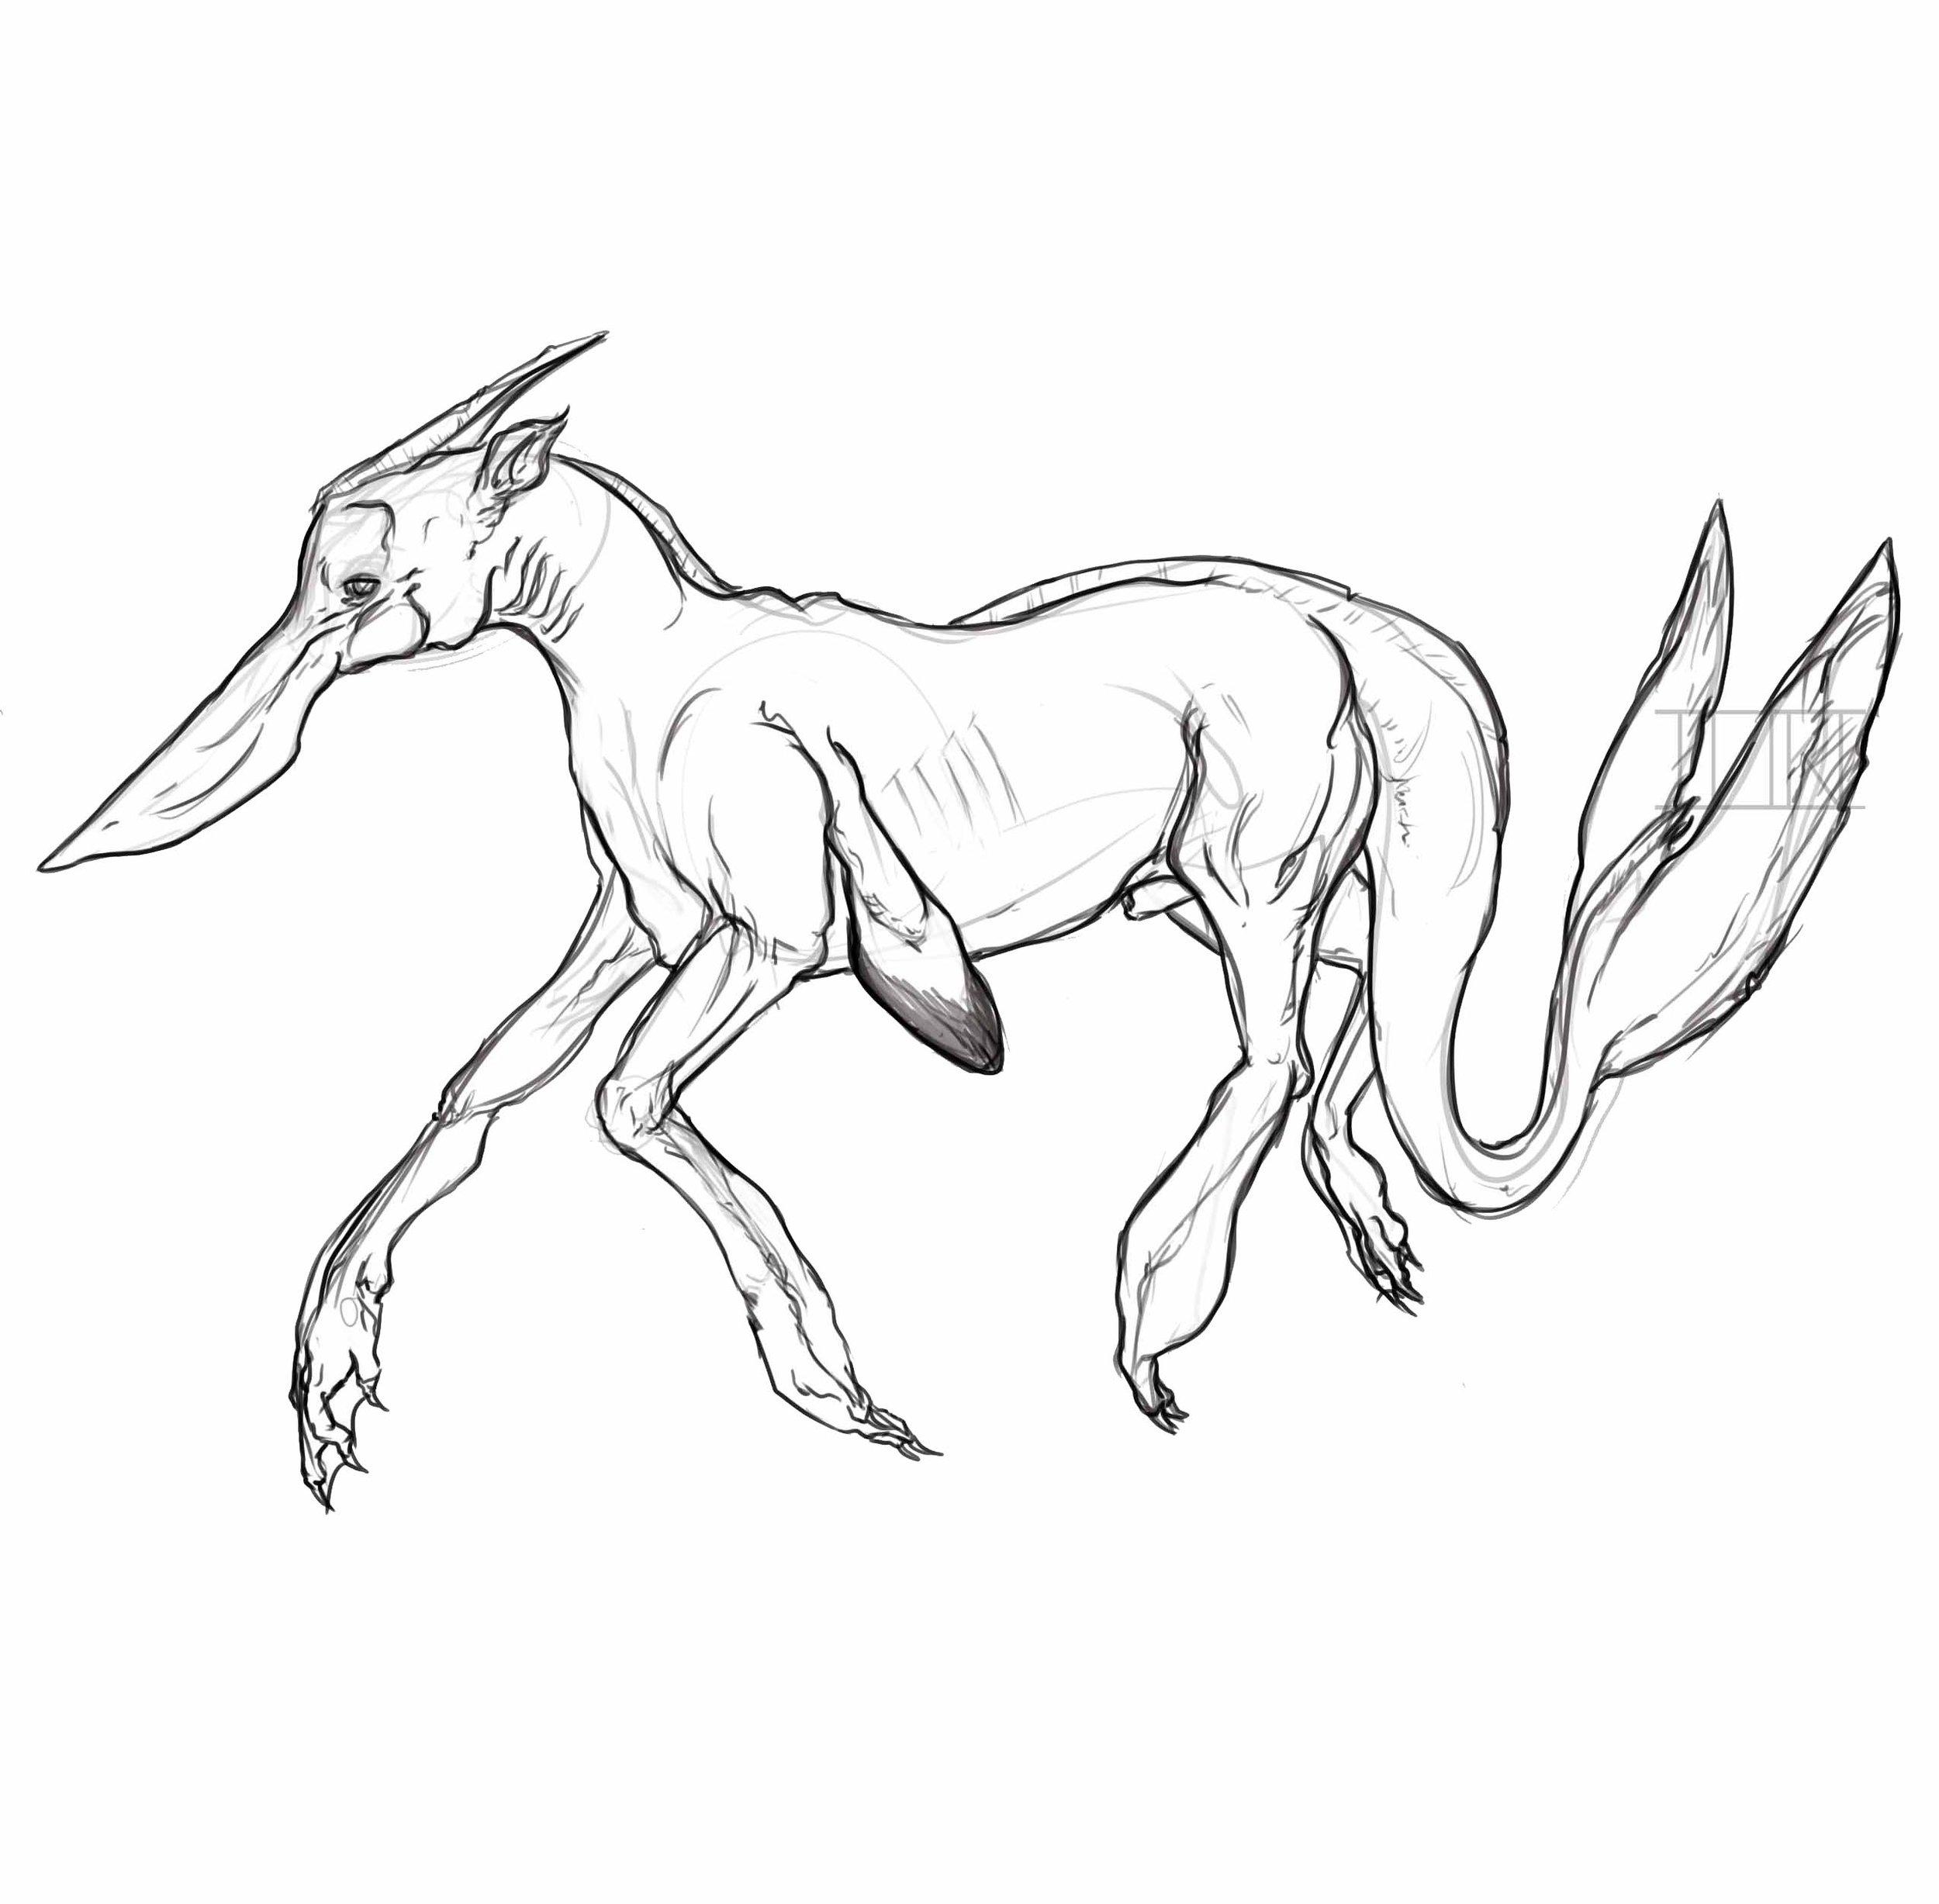 Aquatic Horse